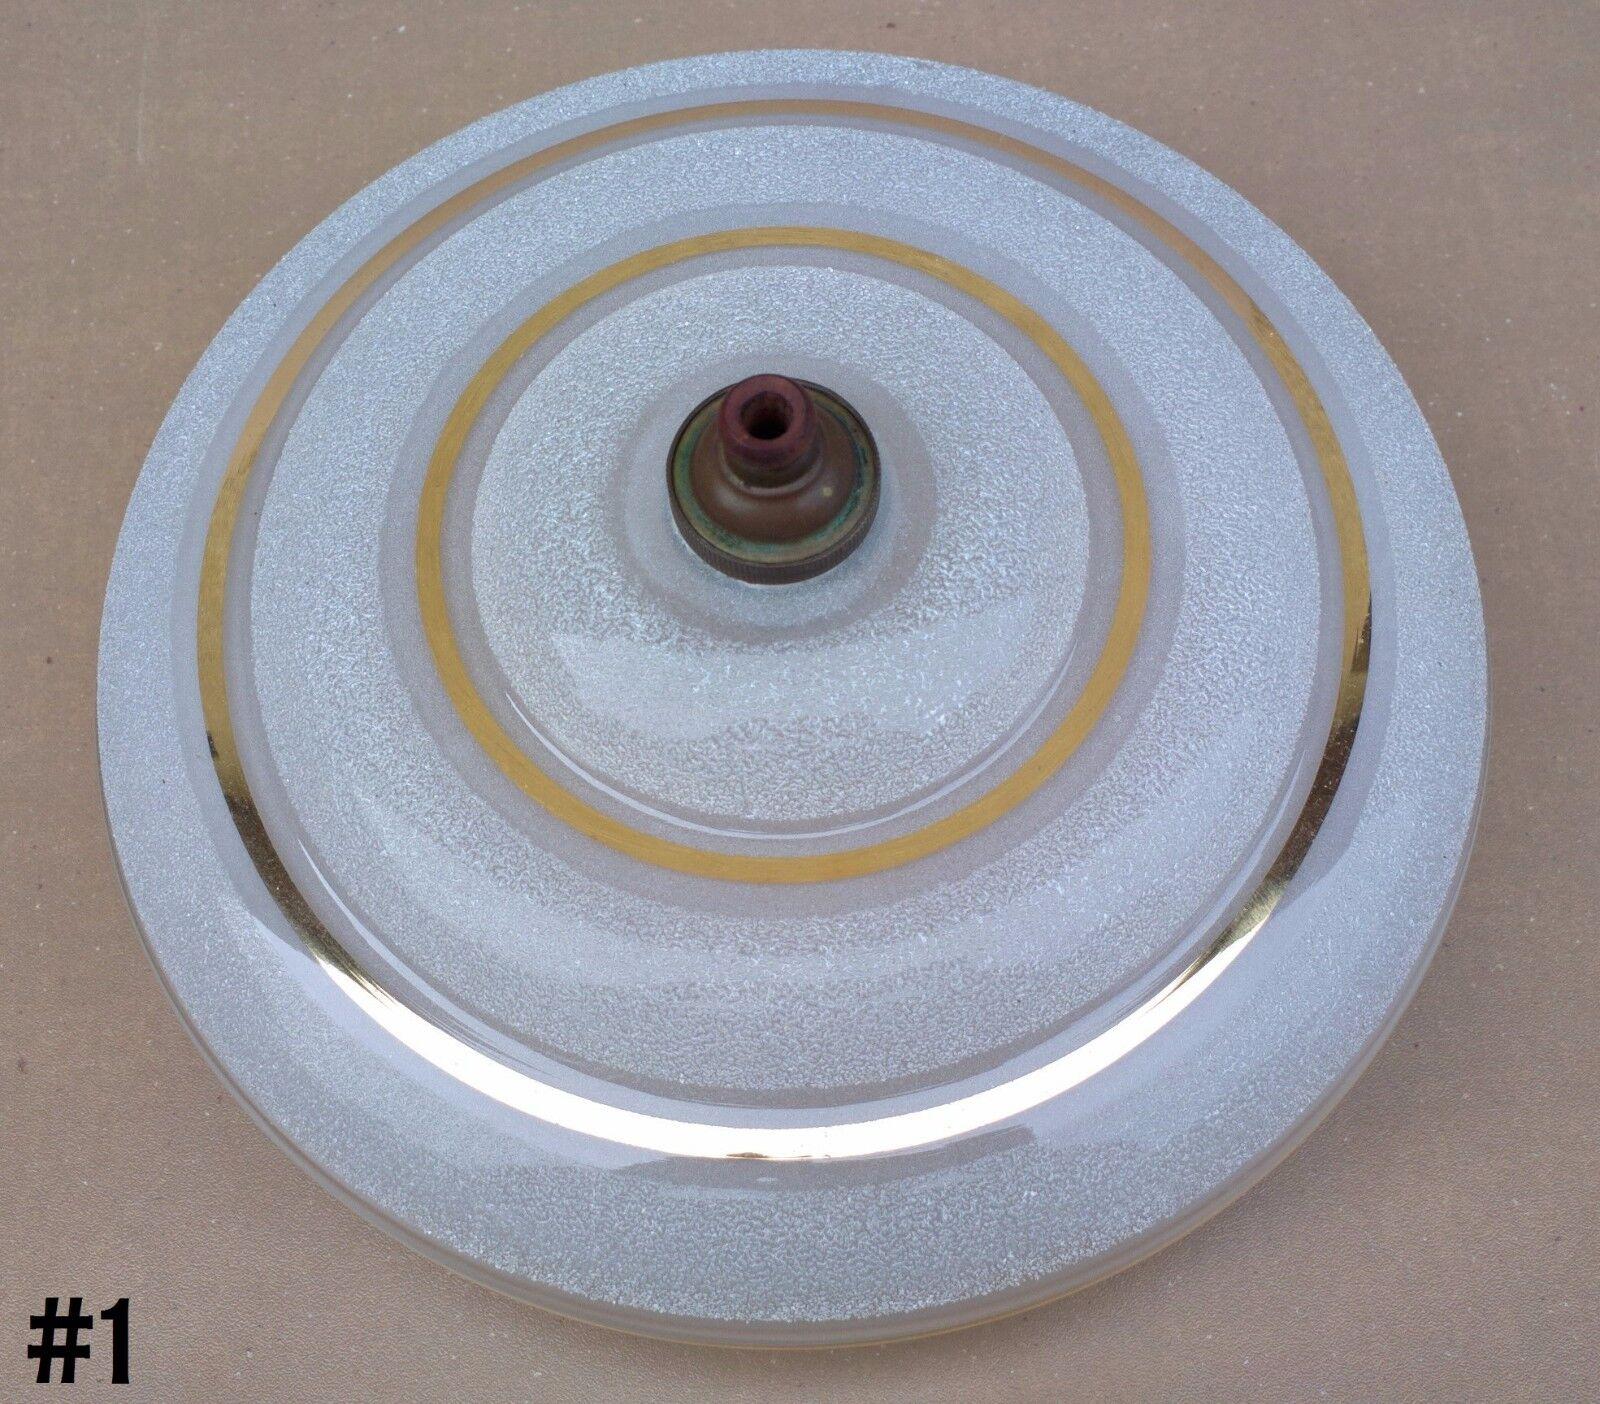 Ancien suspension abat jour verre granuleux dore luminaire art dÉco douille #1